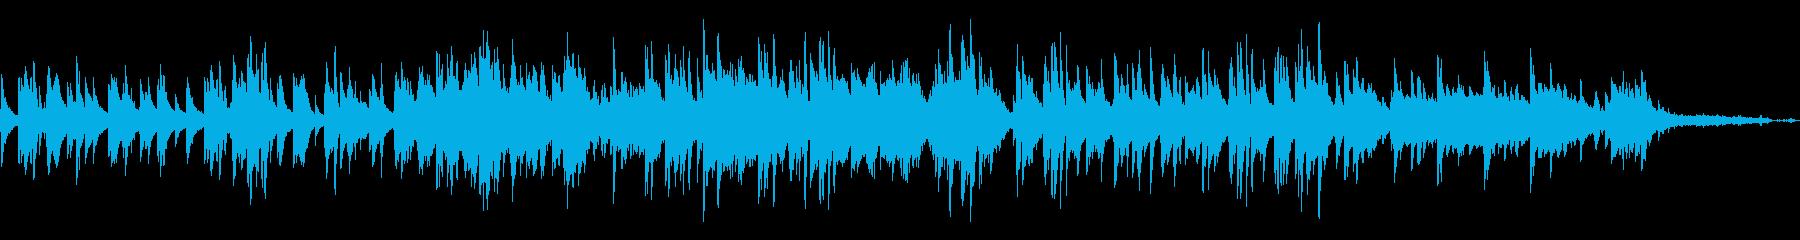 結婚式に切ない雰囲気のピアノソロバラードの再生済みの波形